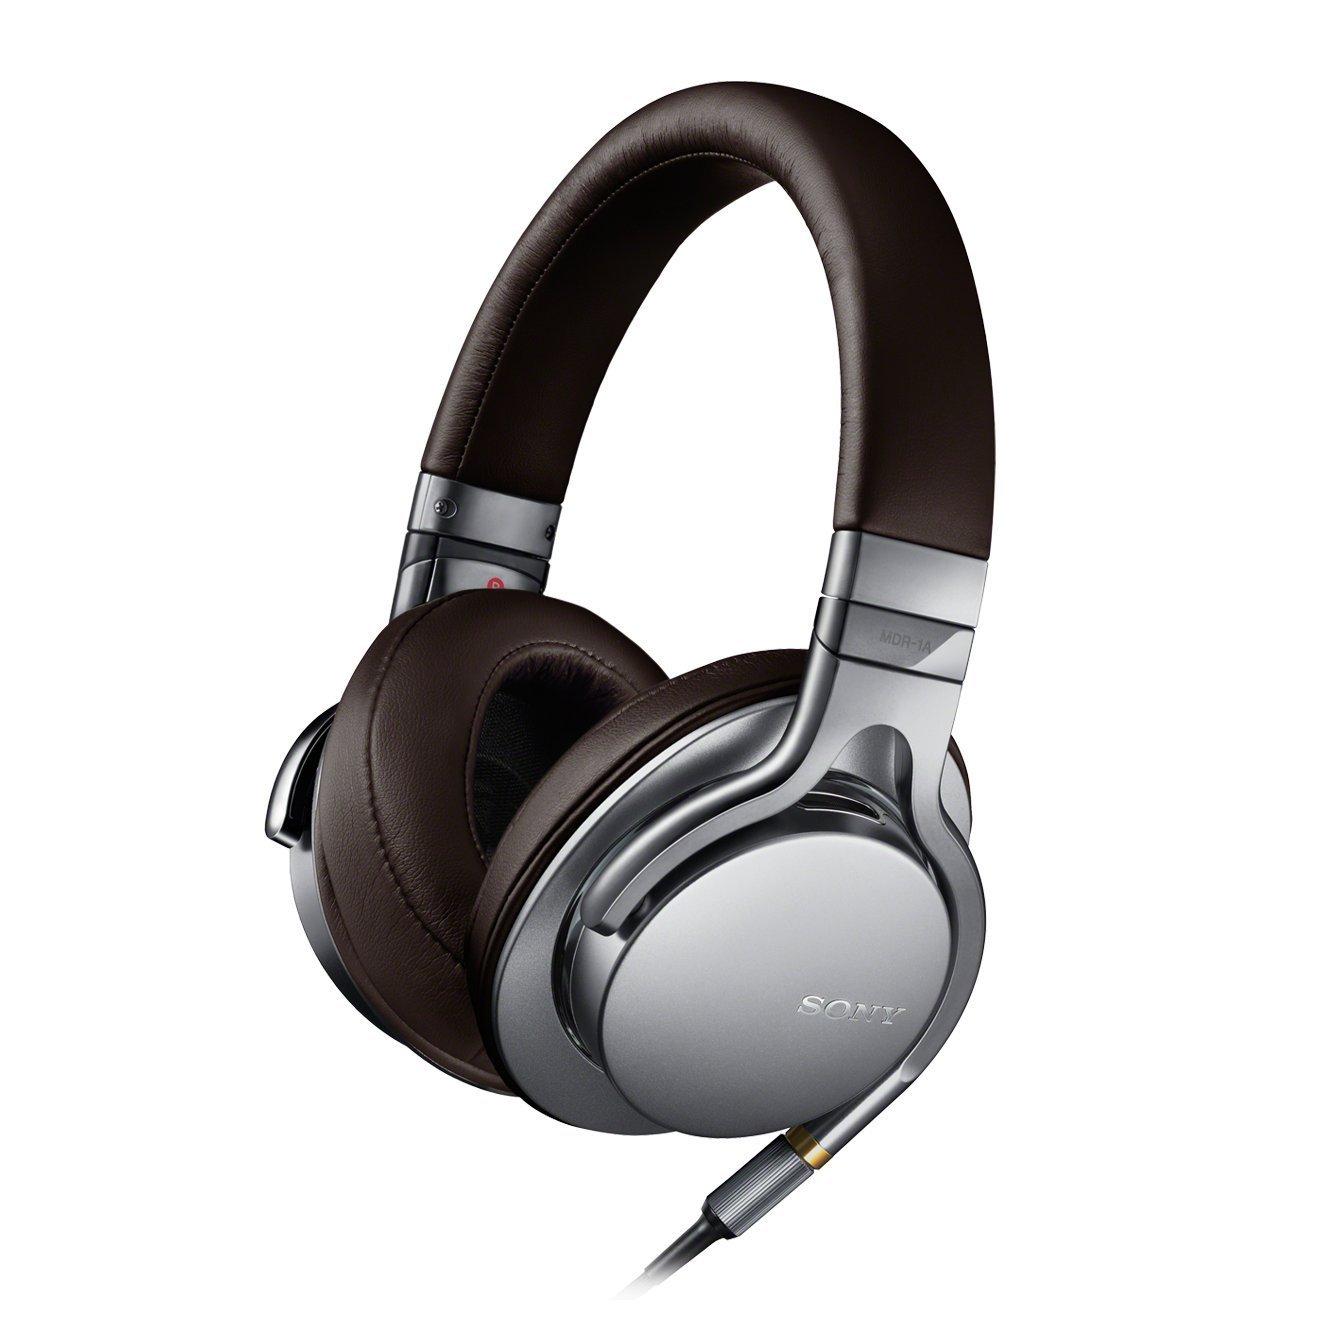 Słuchawki Sony MDR-1A ;  z WHD - Amazon.it ( ze zwrotów)